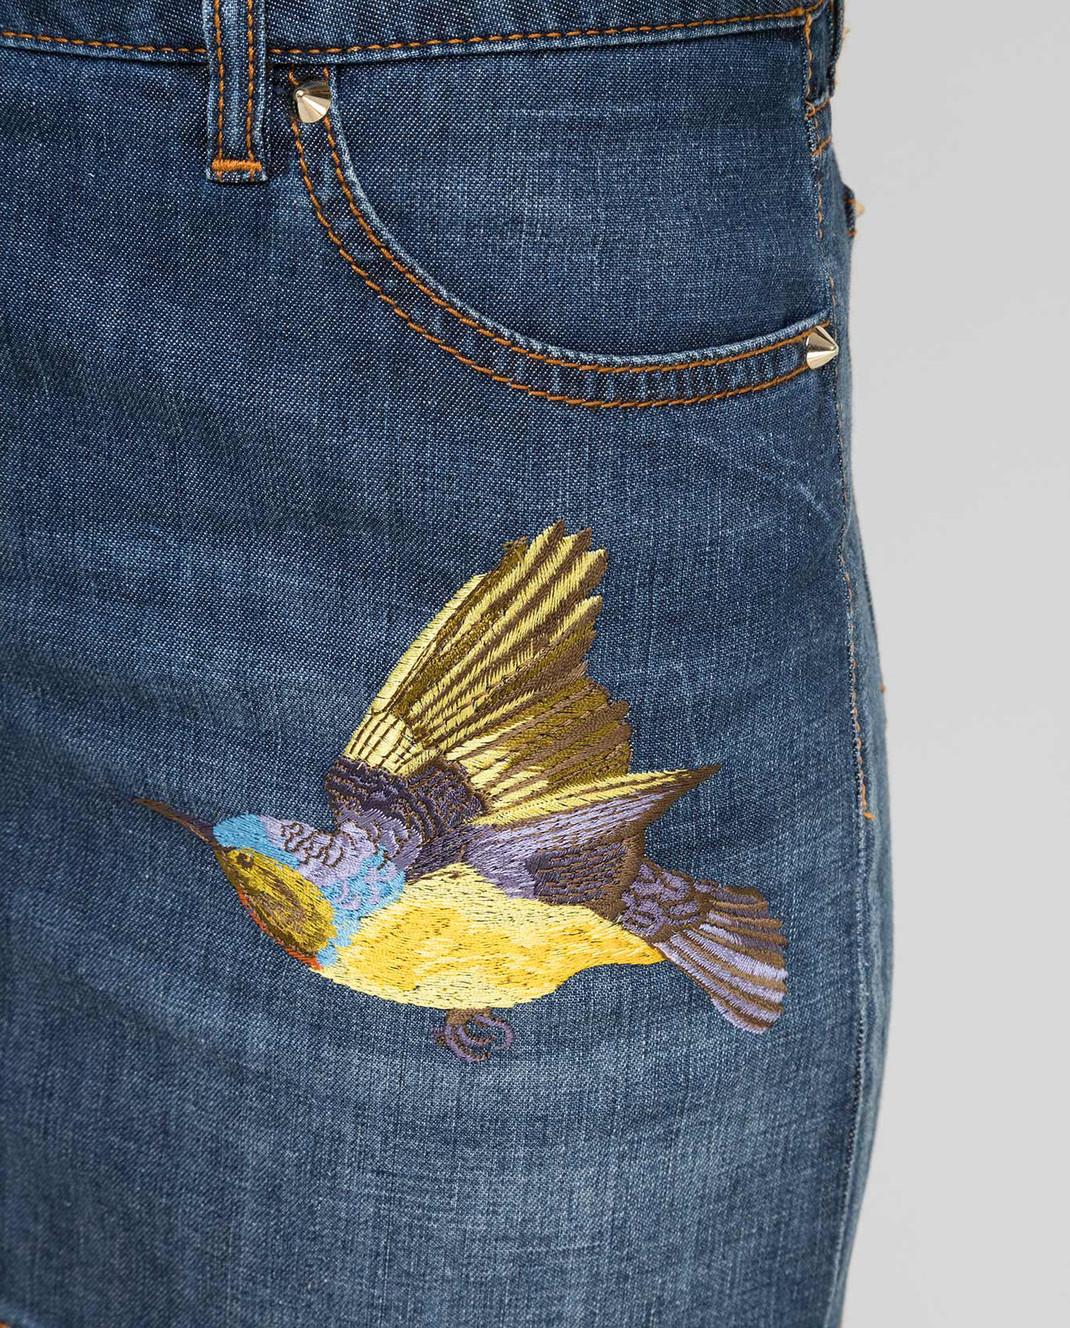 Roberto Cavalli Синяя джинсовая юбка CQJ320 изображение 5